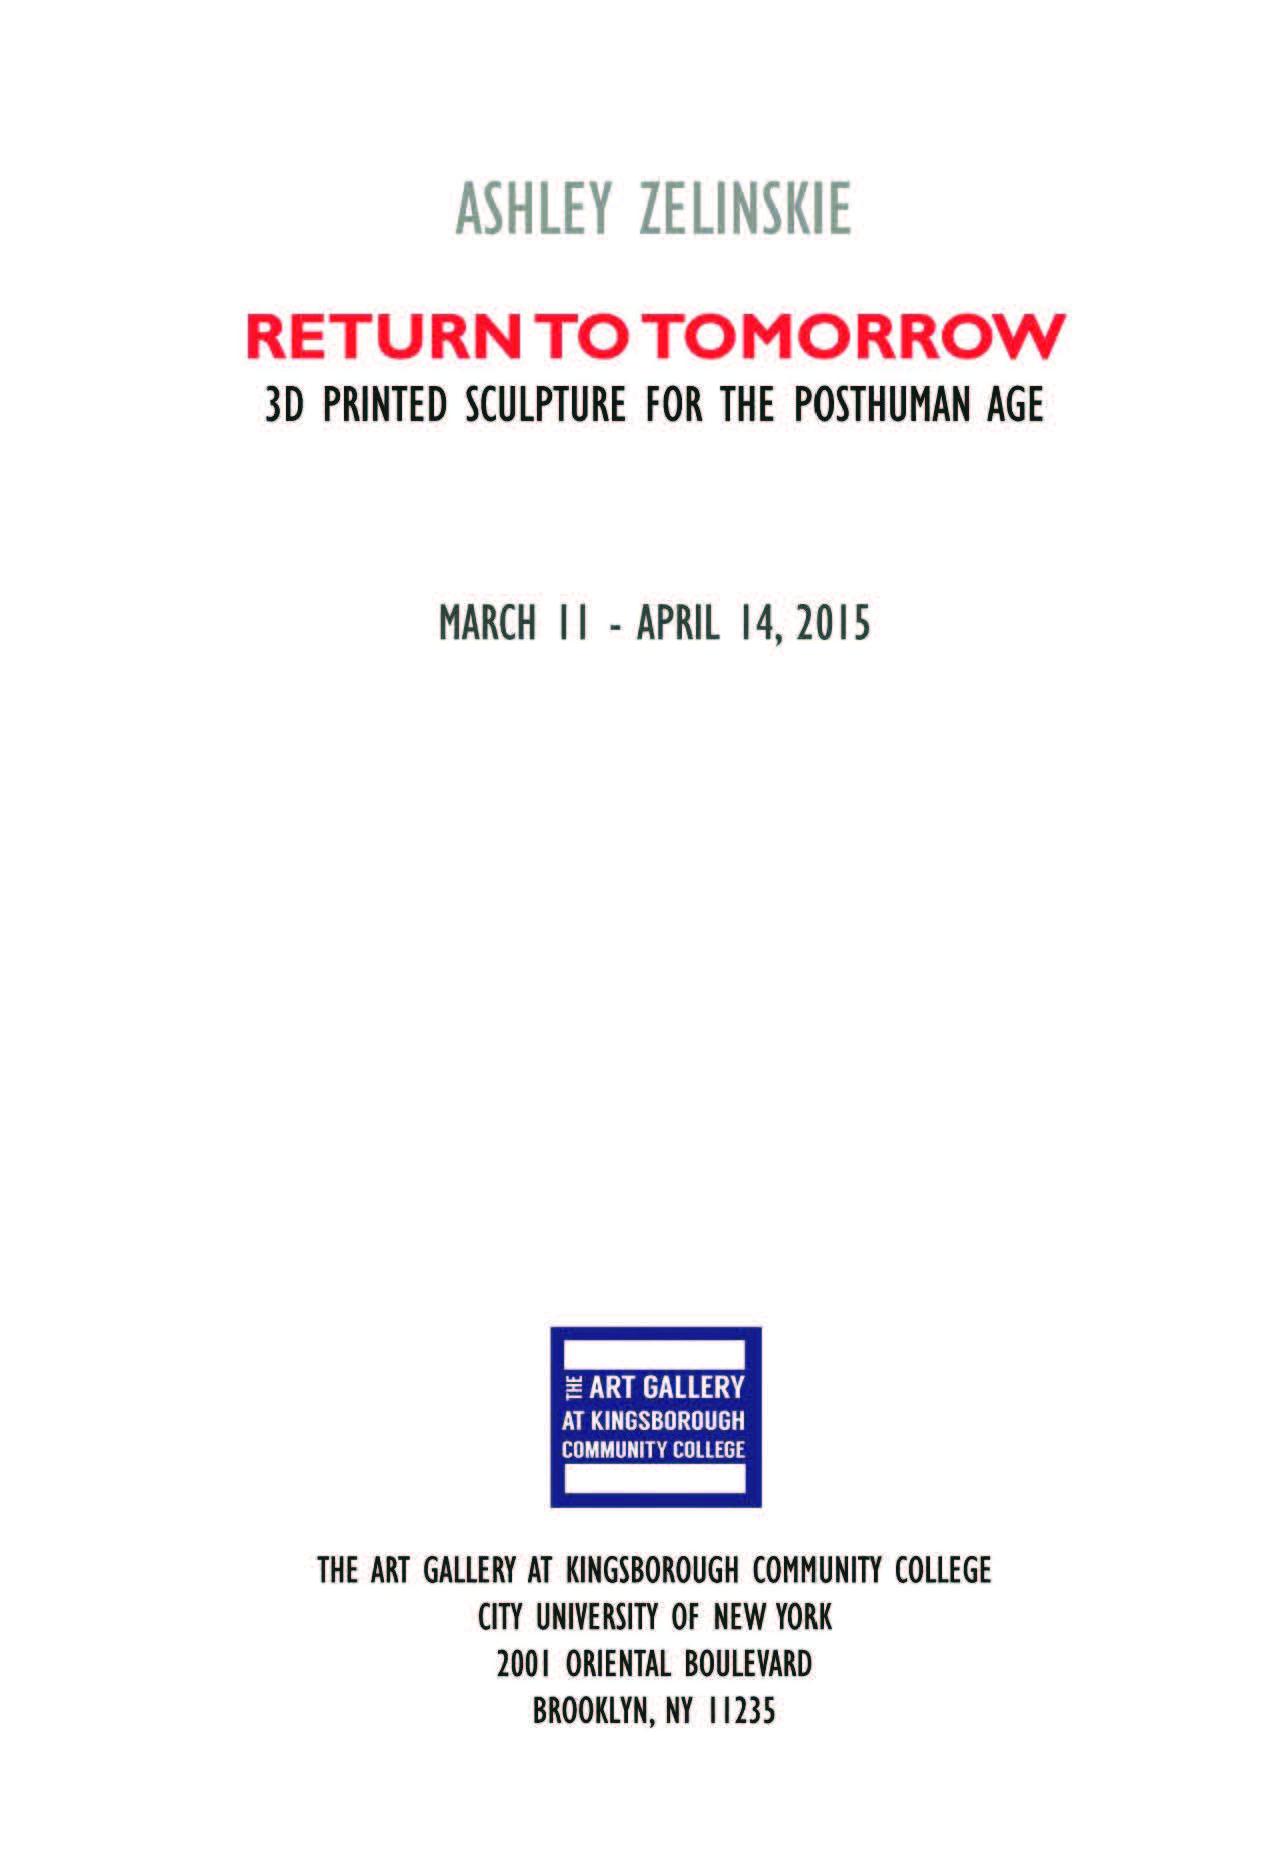 Ashley_Zelinskie_Return_to_Tomorrow_Page_03.jpg